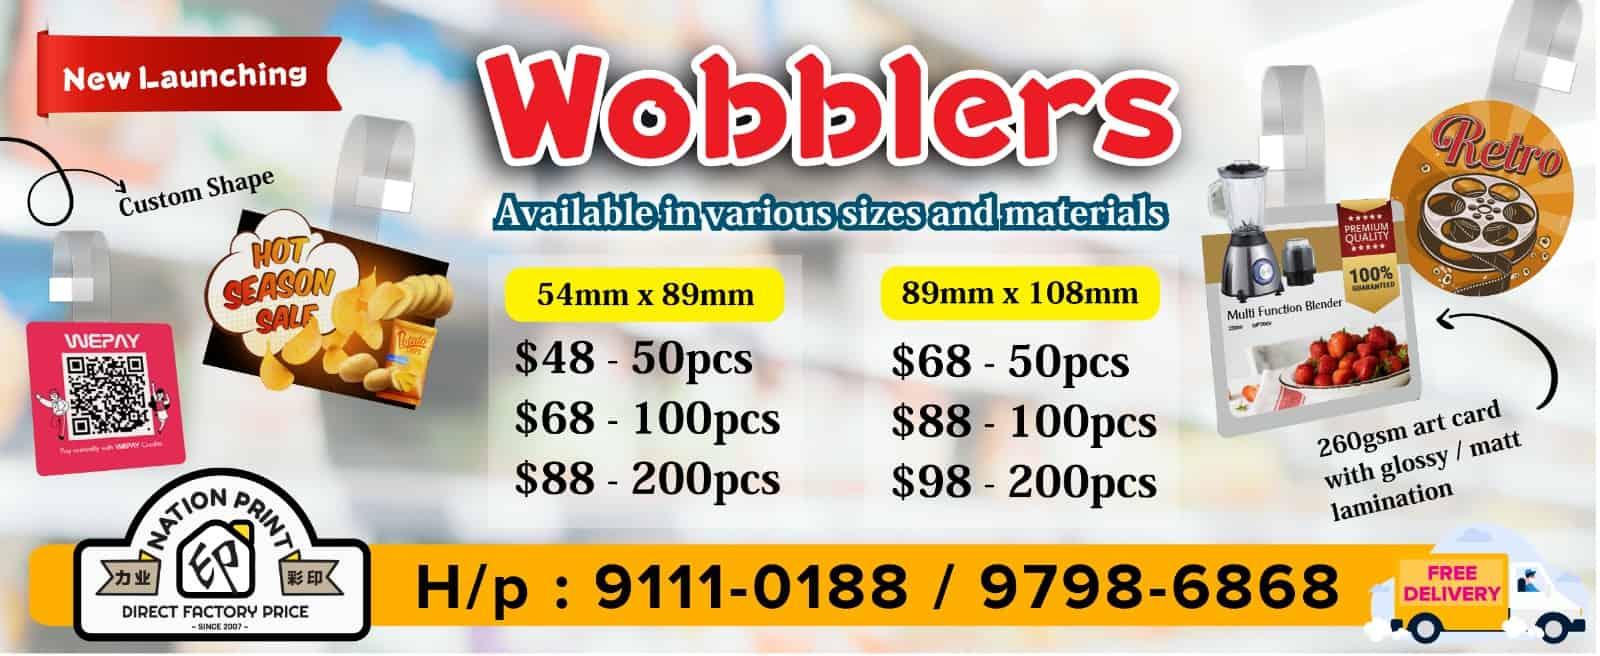 wobblers printing